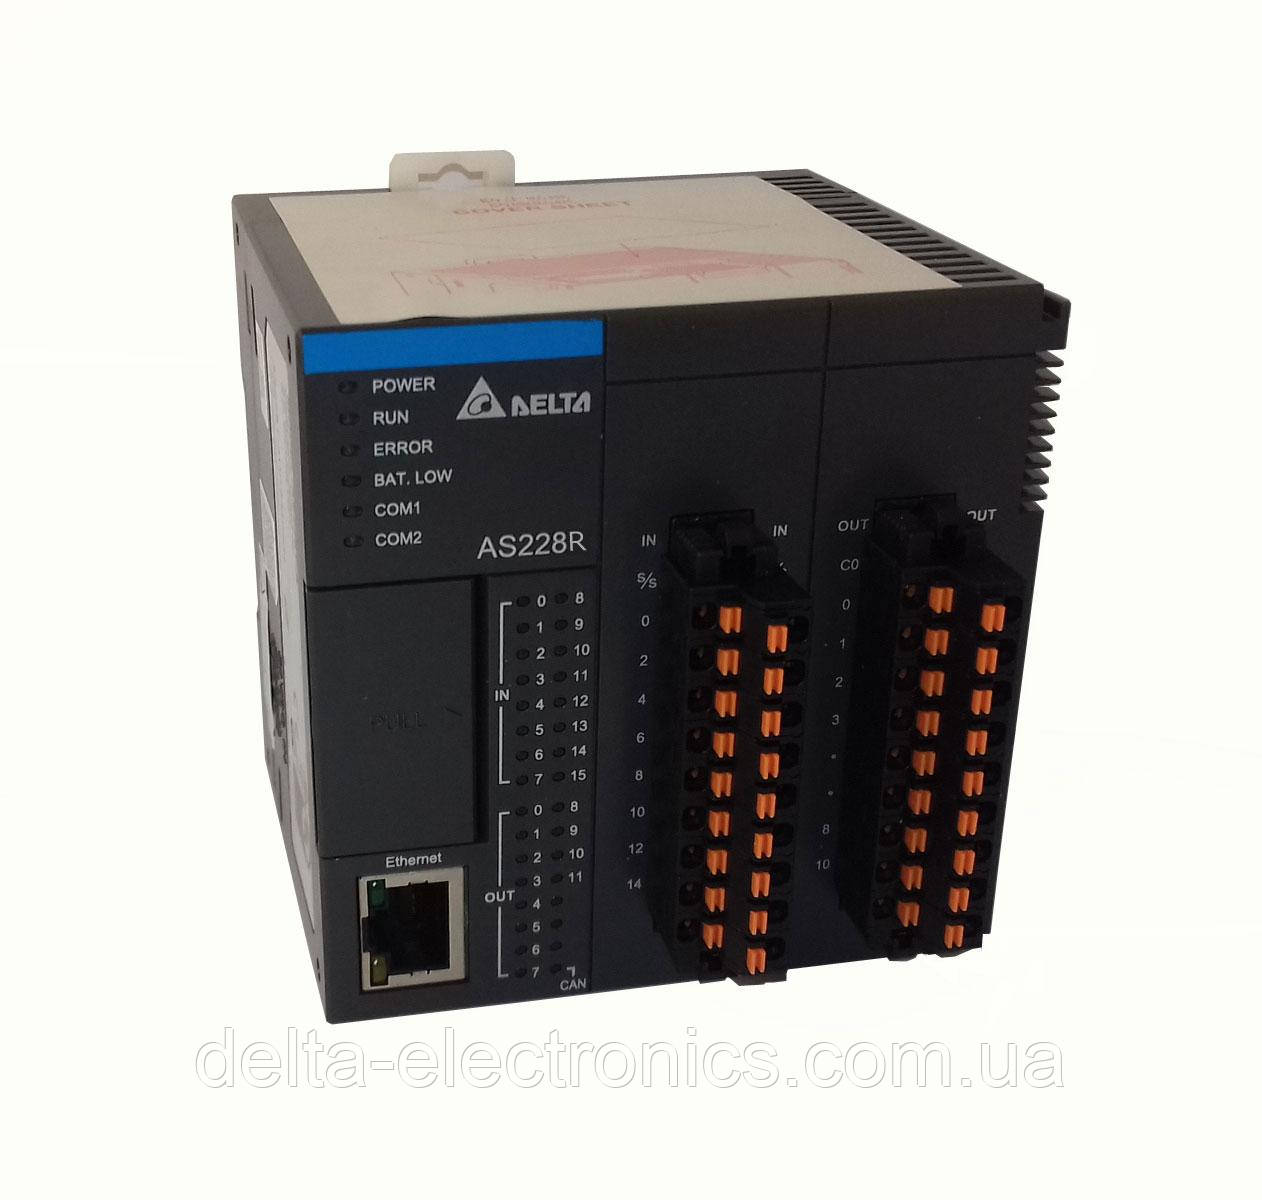 Базовый модуль контроллера серии AS200 Delta Electronics, 16DI/12DO релейные выходы, Ethernet